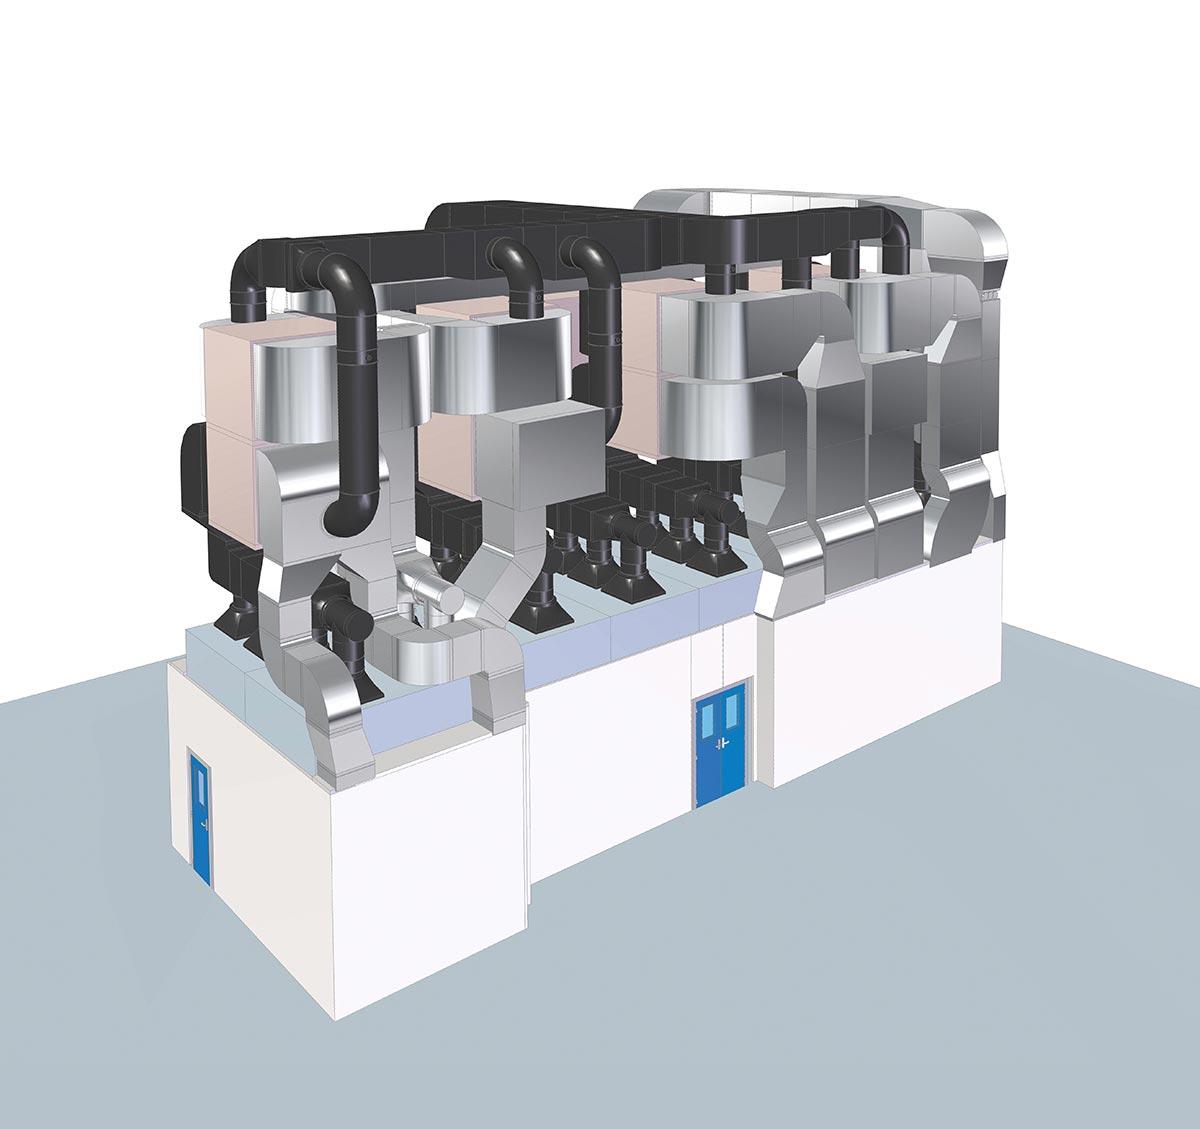 The Air Laminar - Proyecto de flujo laminar a medida